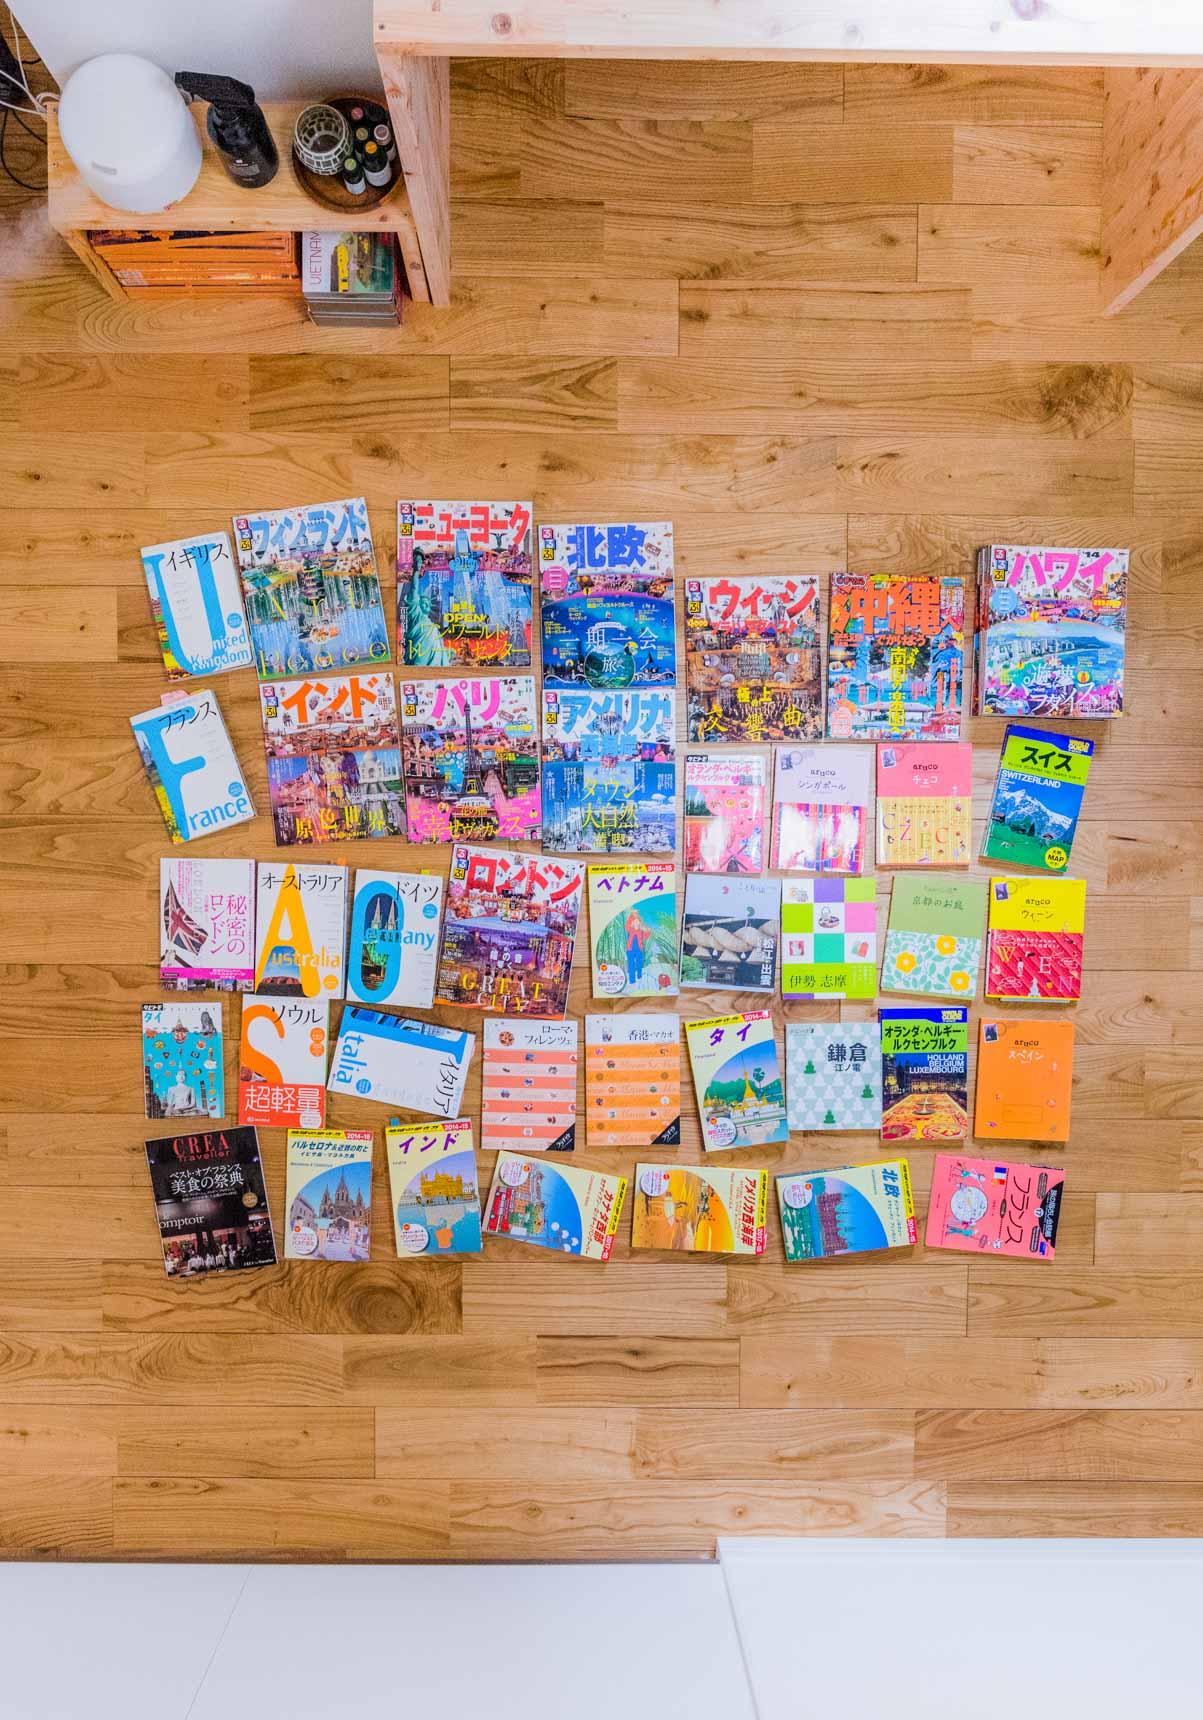 旅行が縁で知り合ったおふたり。恒例の「集めているものを並べてもらう」は、旅行ガイドブックになりました。